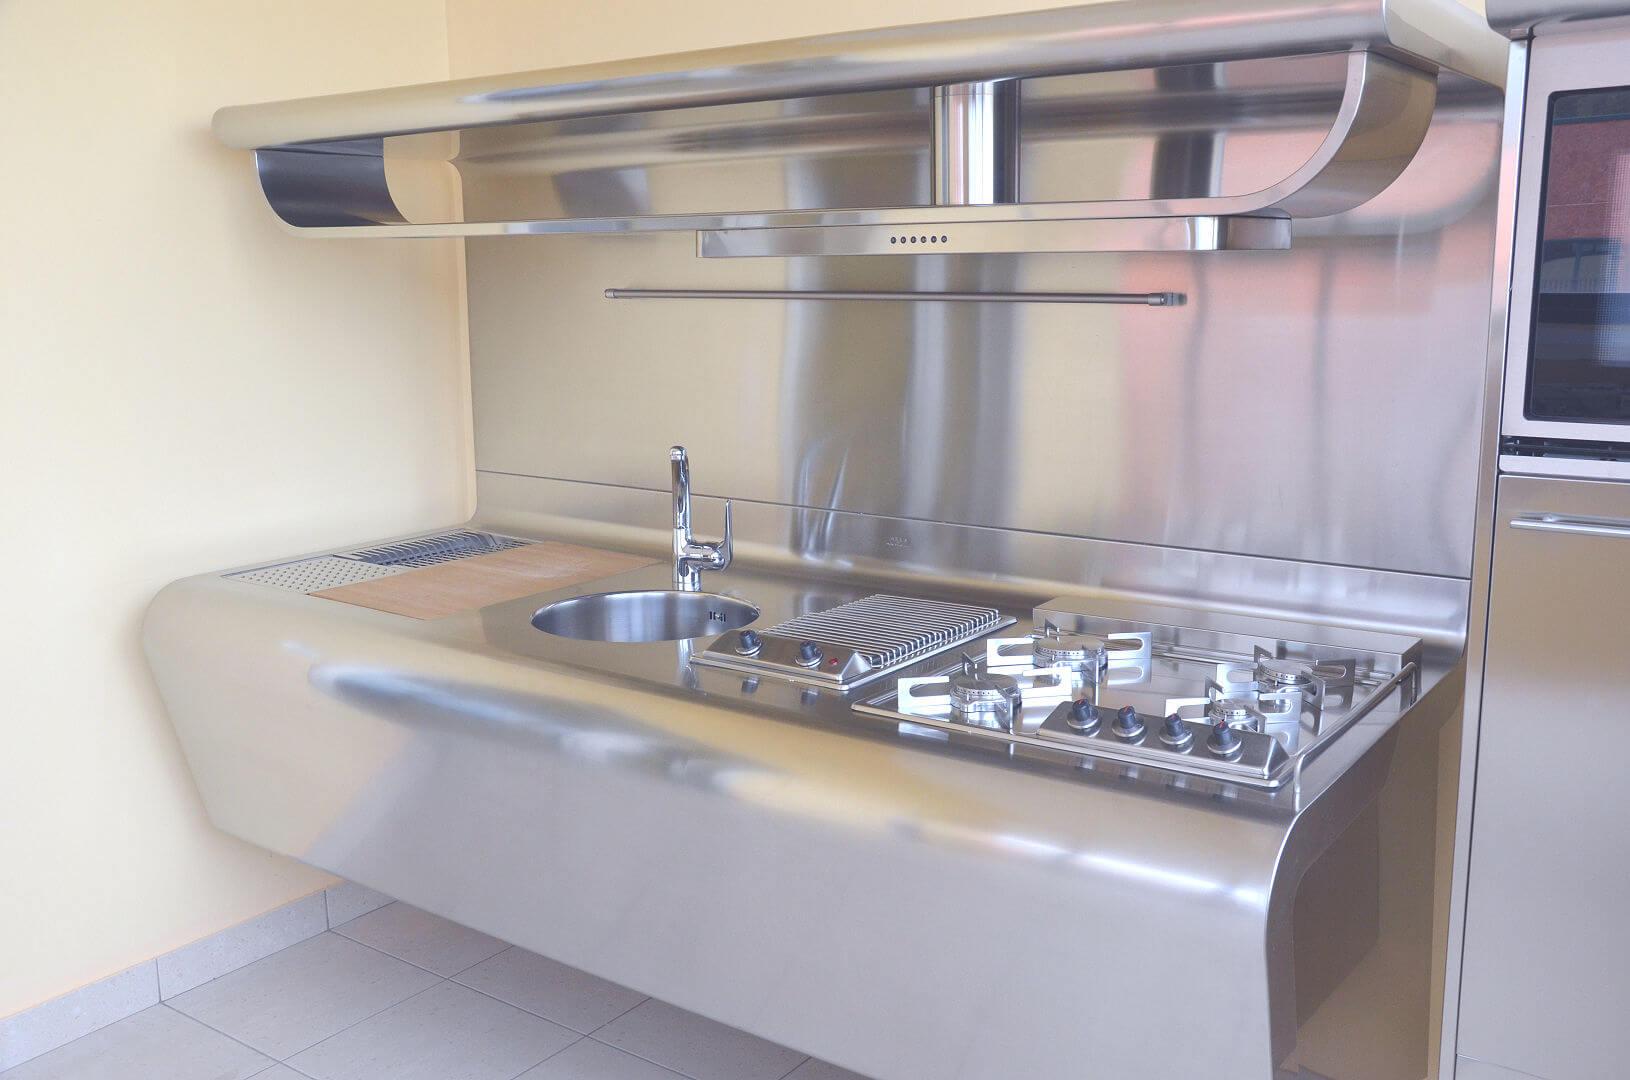 Yacth arca cucine italia cucine in acciaio inox - Cucine in acciaio inox ...